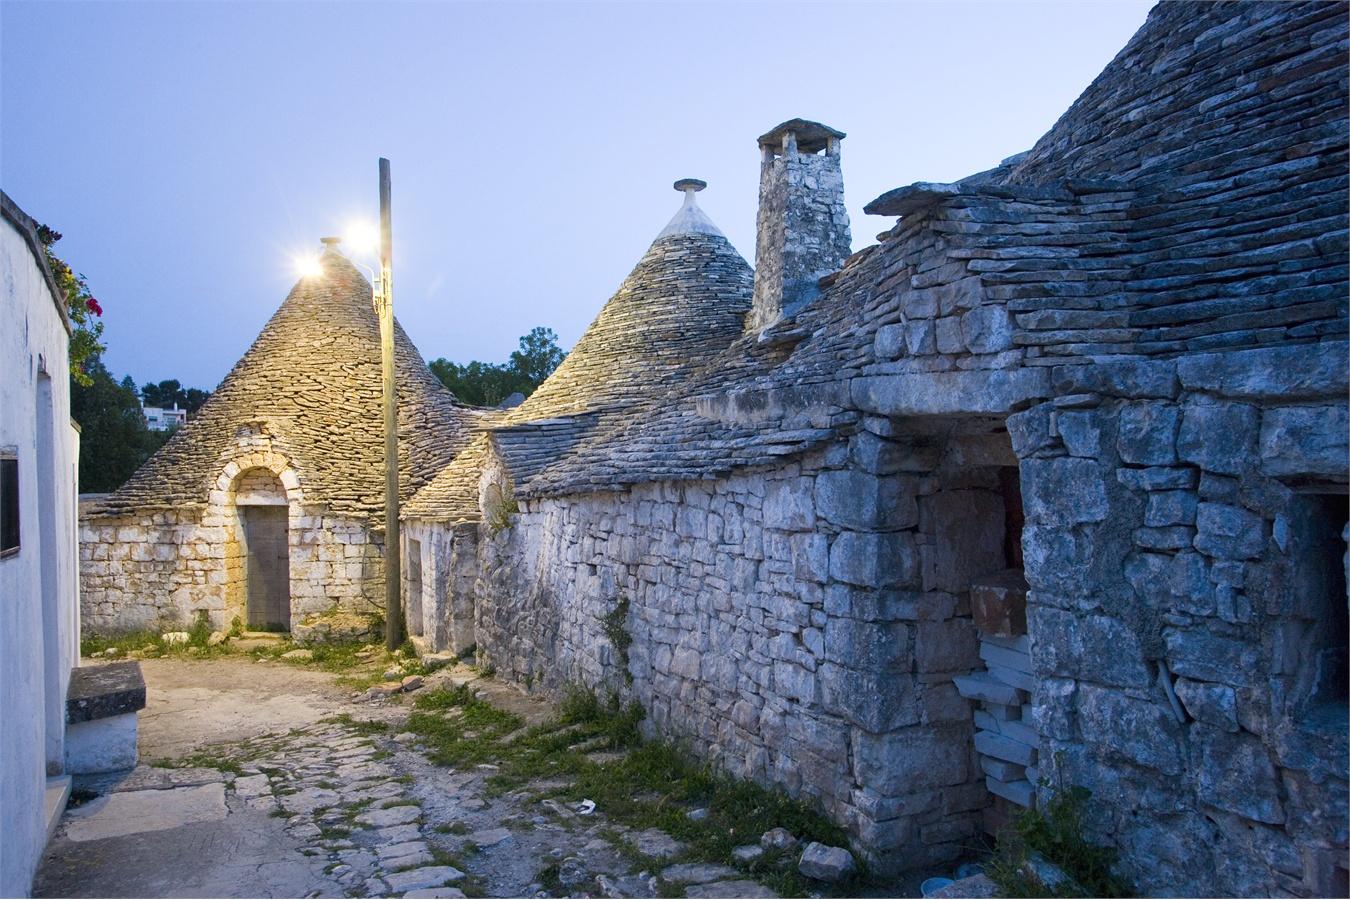 7. Alberobello - Puglia